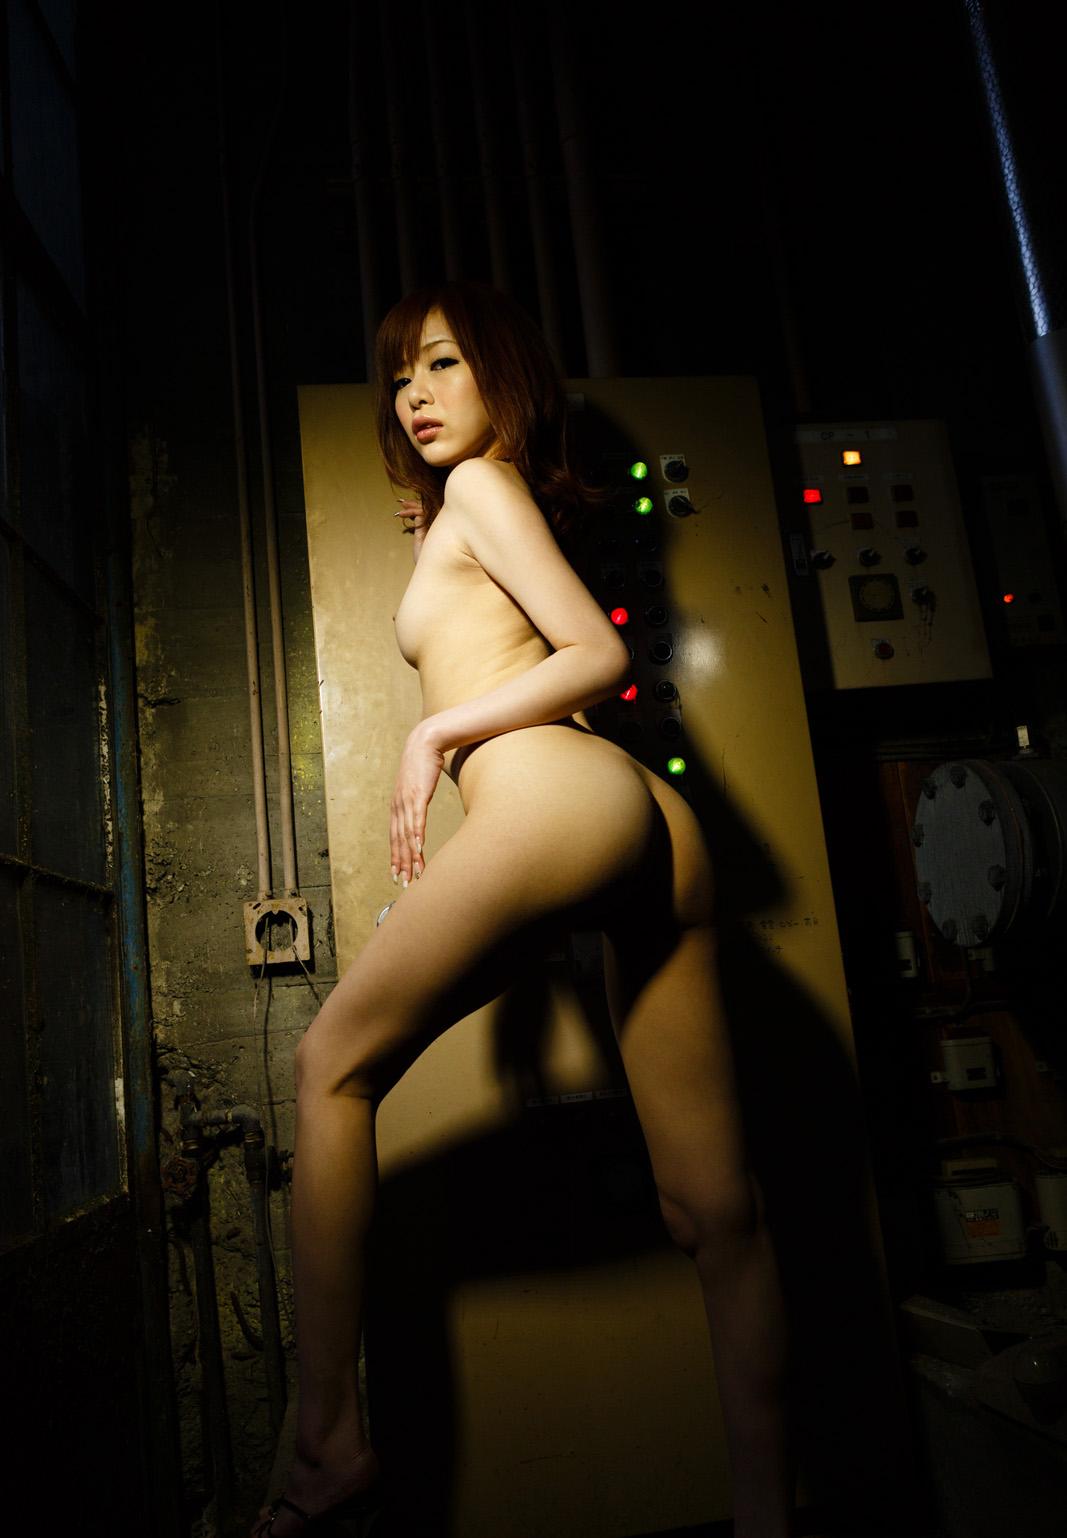 AV女優 MIYABI 画像 94